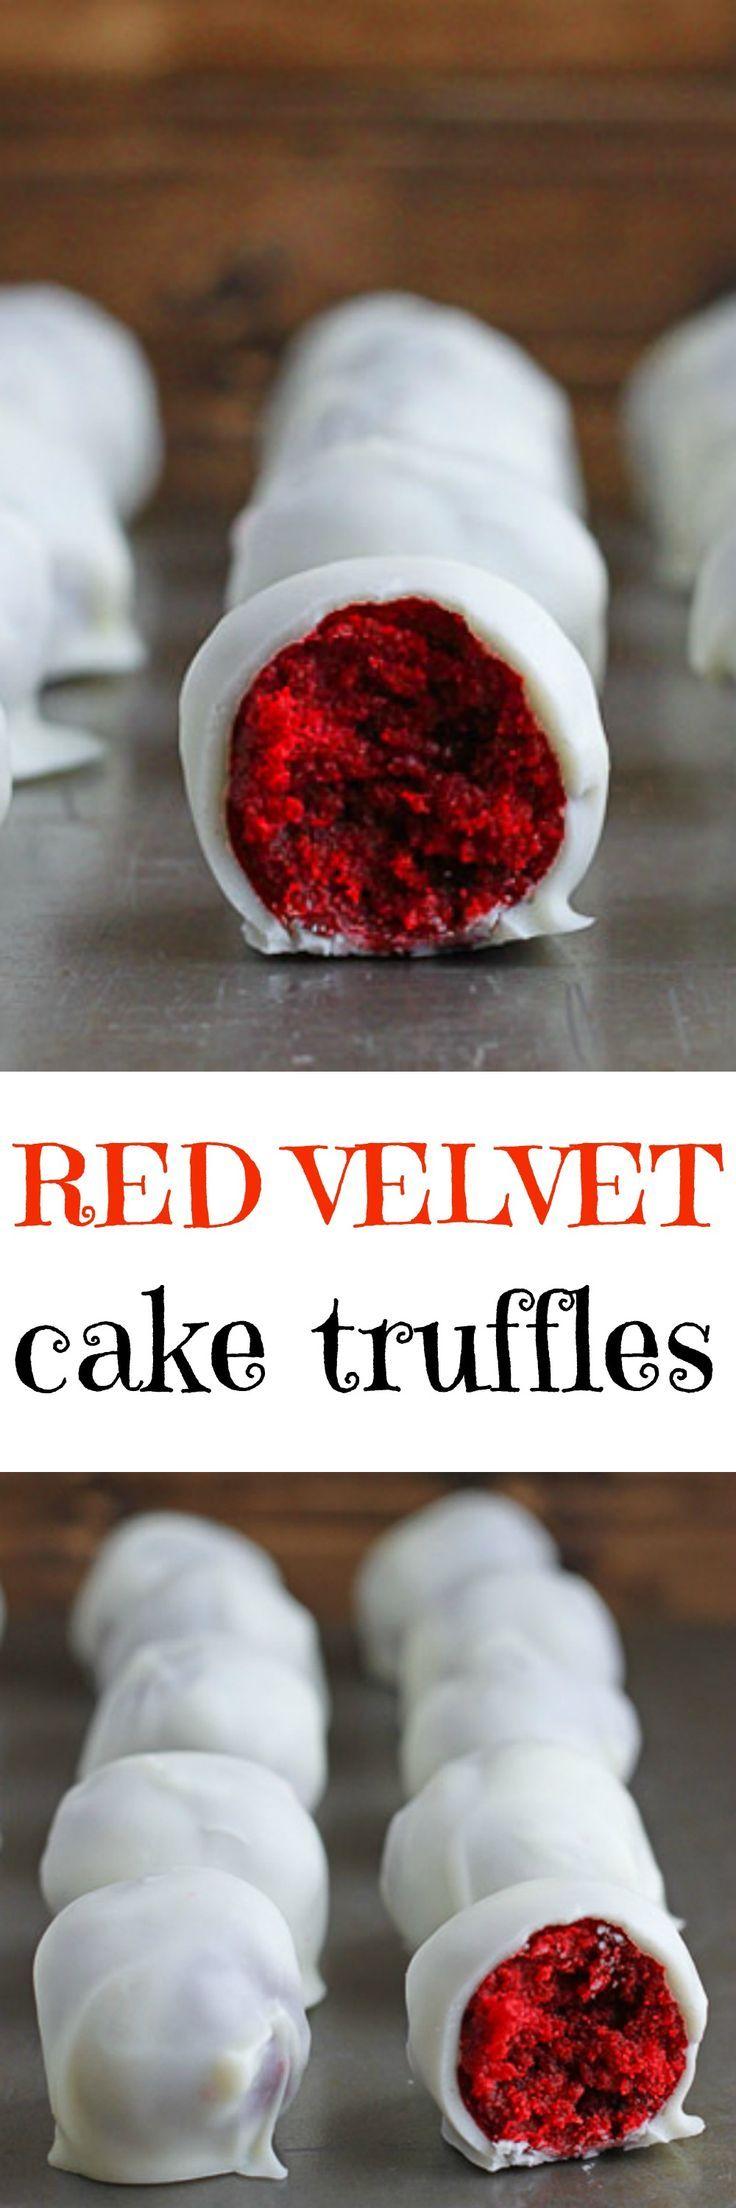 DIY cake truffles! With red velvet for Christmas dessert buffet tables!